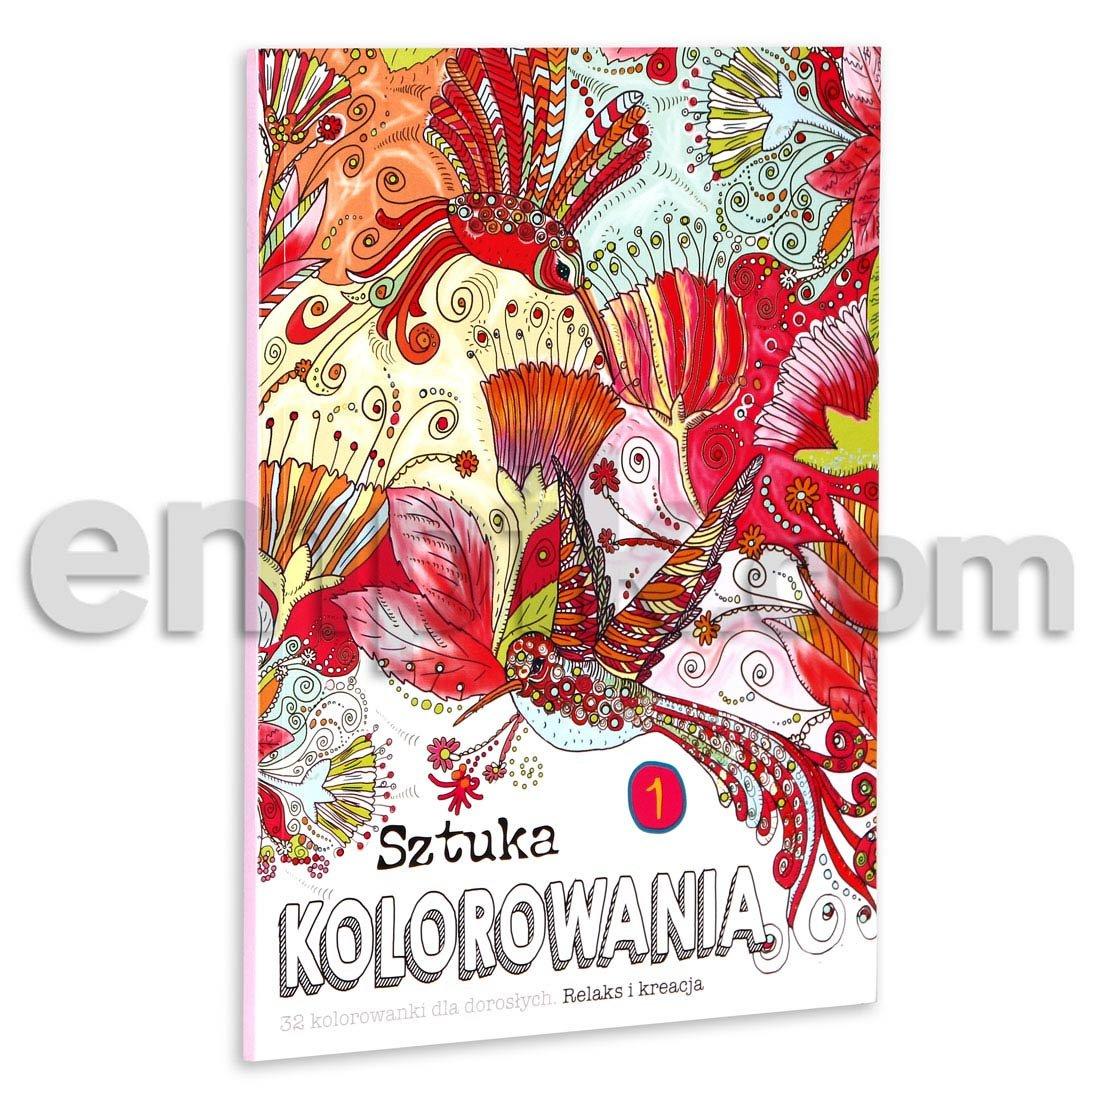 Sztuka Kolorowania 1 32 Kolorowanki Dla Doroslych Relaks I Kreacja Opracowanie Zbiorowe Ksiazka W Sklepie Empik Com